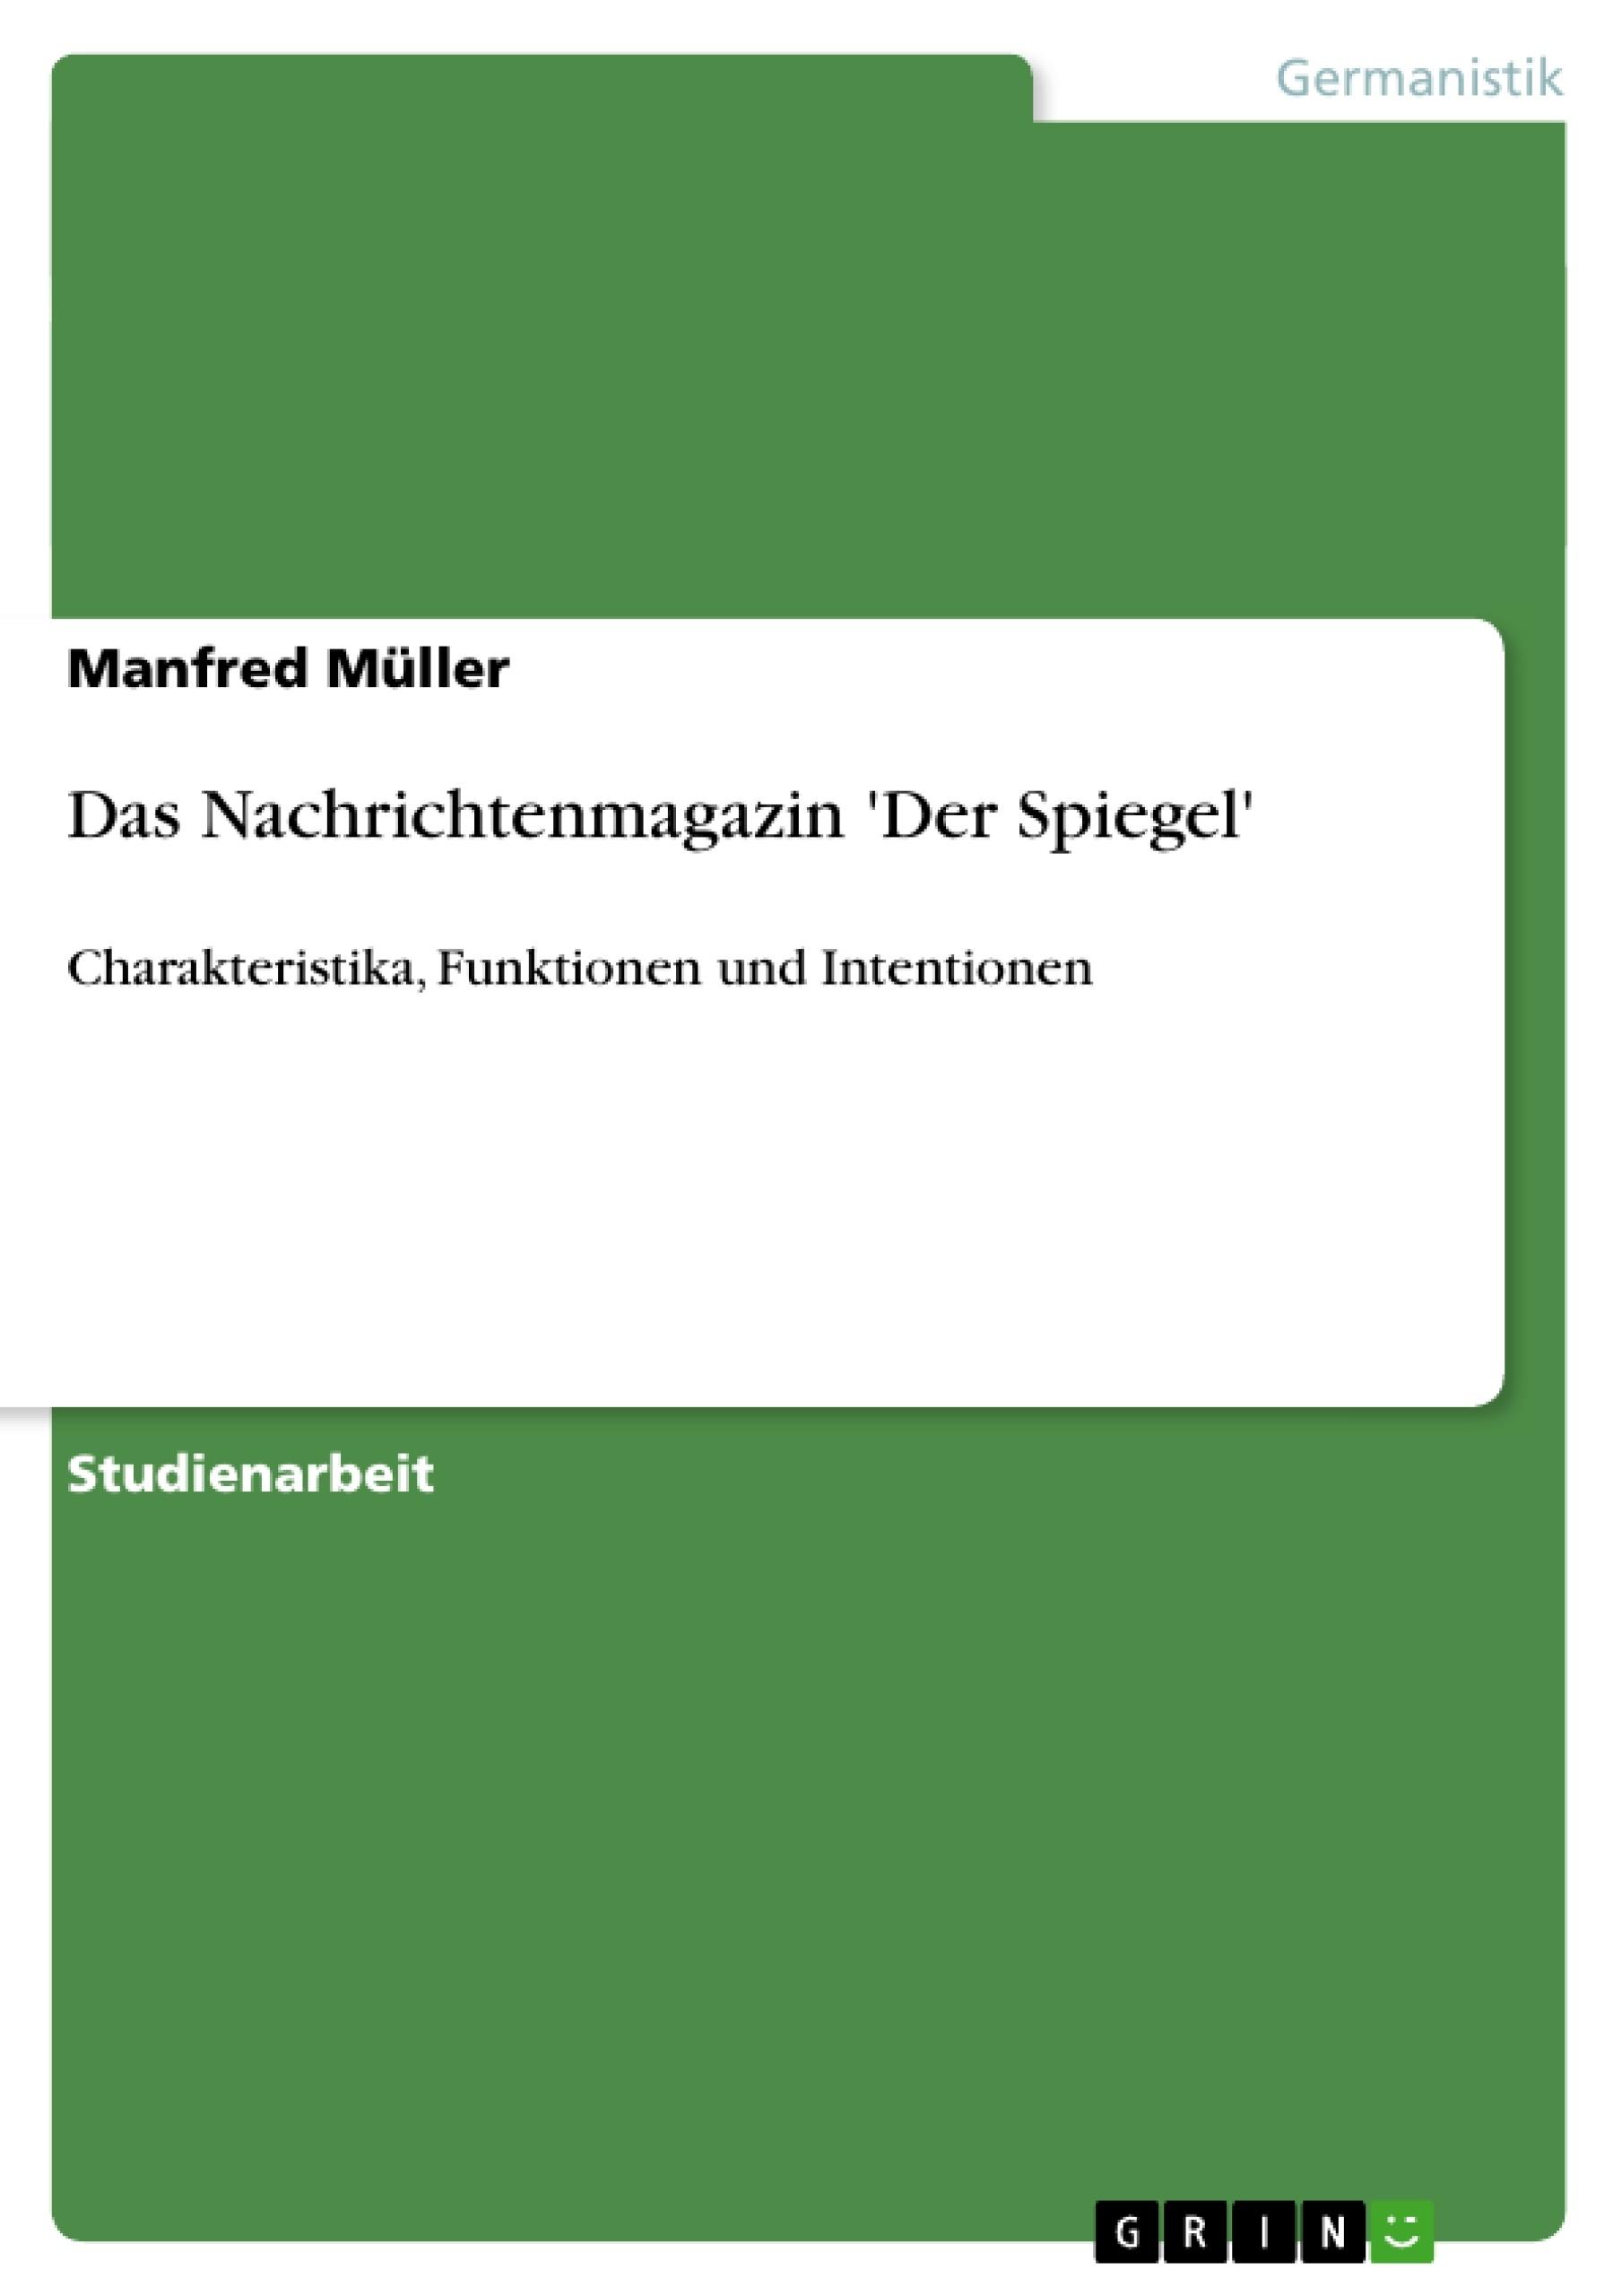 Titel: Das Nachrichtenmagazin 'Der Spiegel'